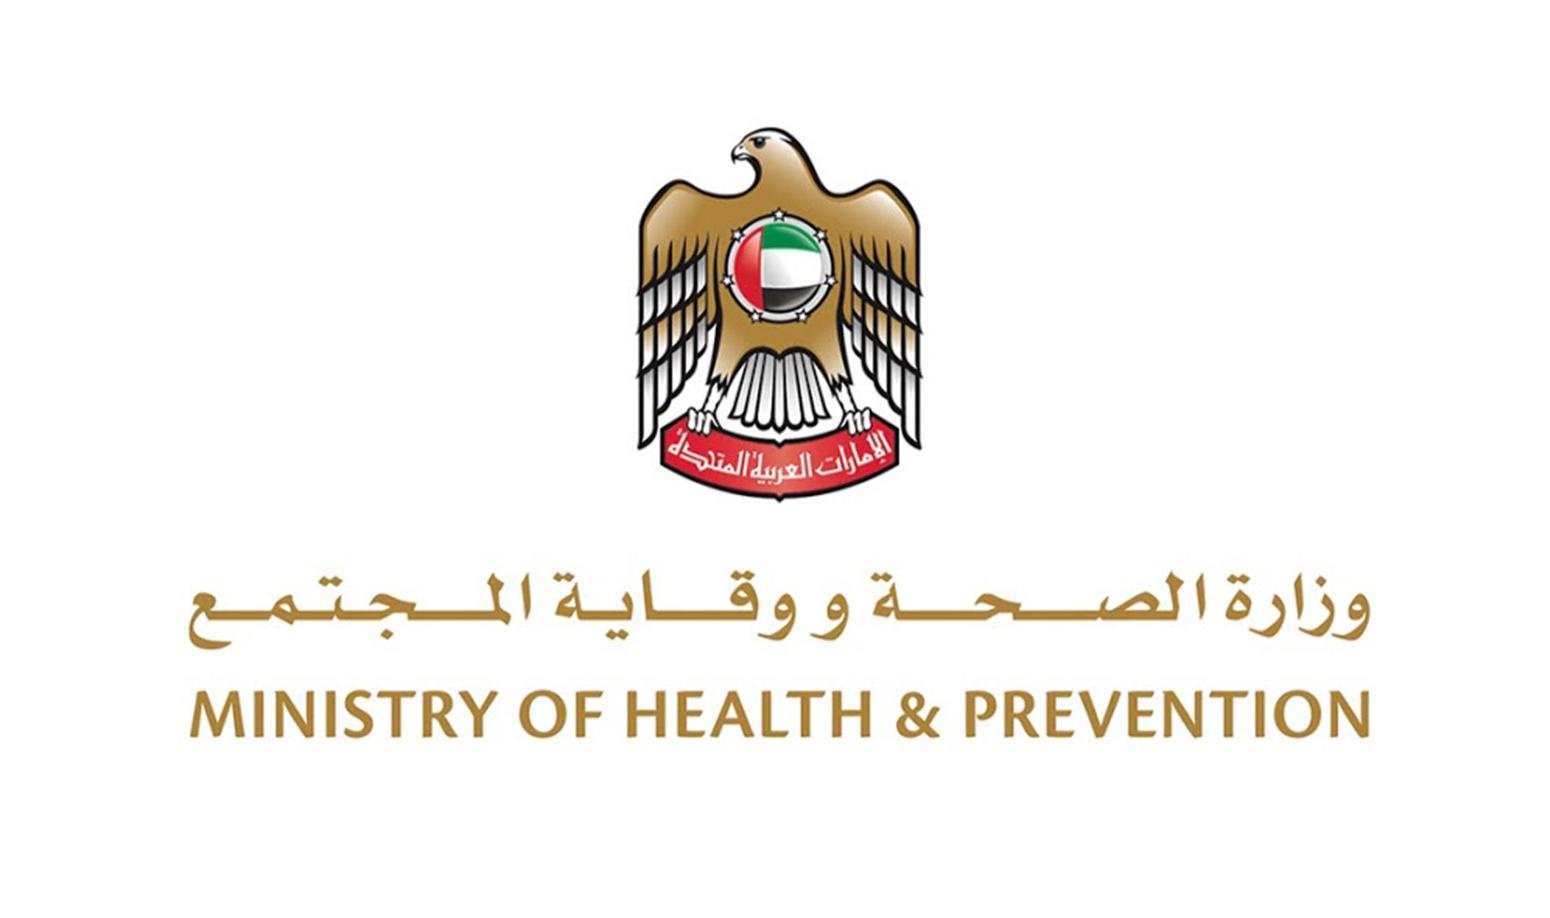 صورة وزارة الصحة تنفي ما ورد في تسجيل صوتي حول الوضع الوبائي – الإمارات – اخبار وتقارير